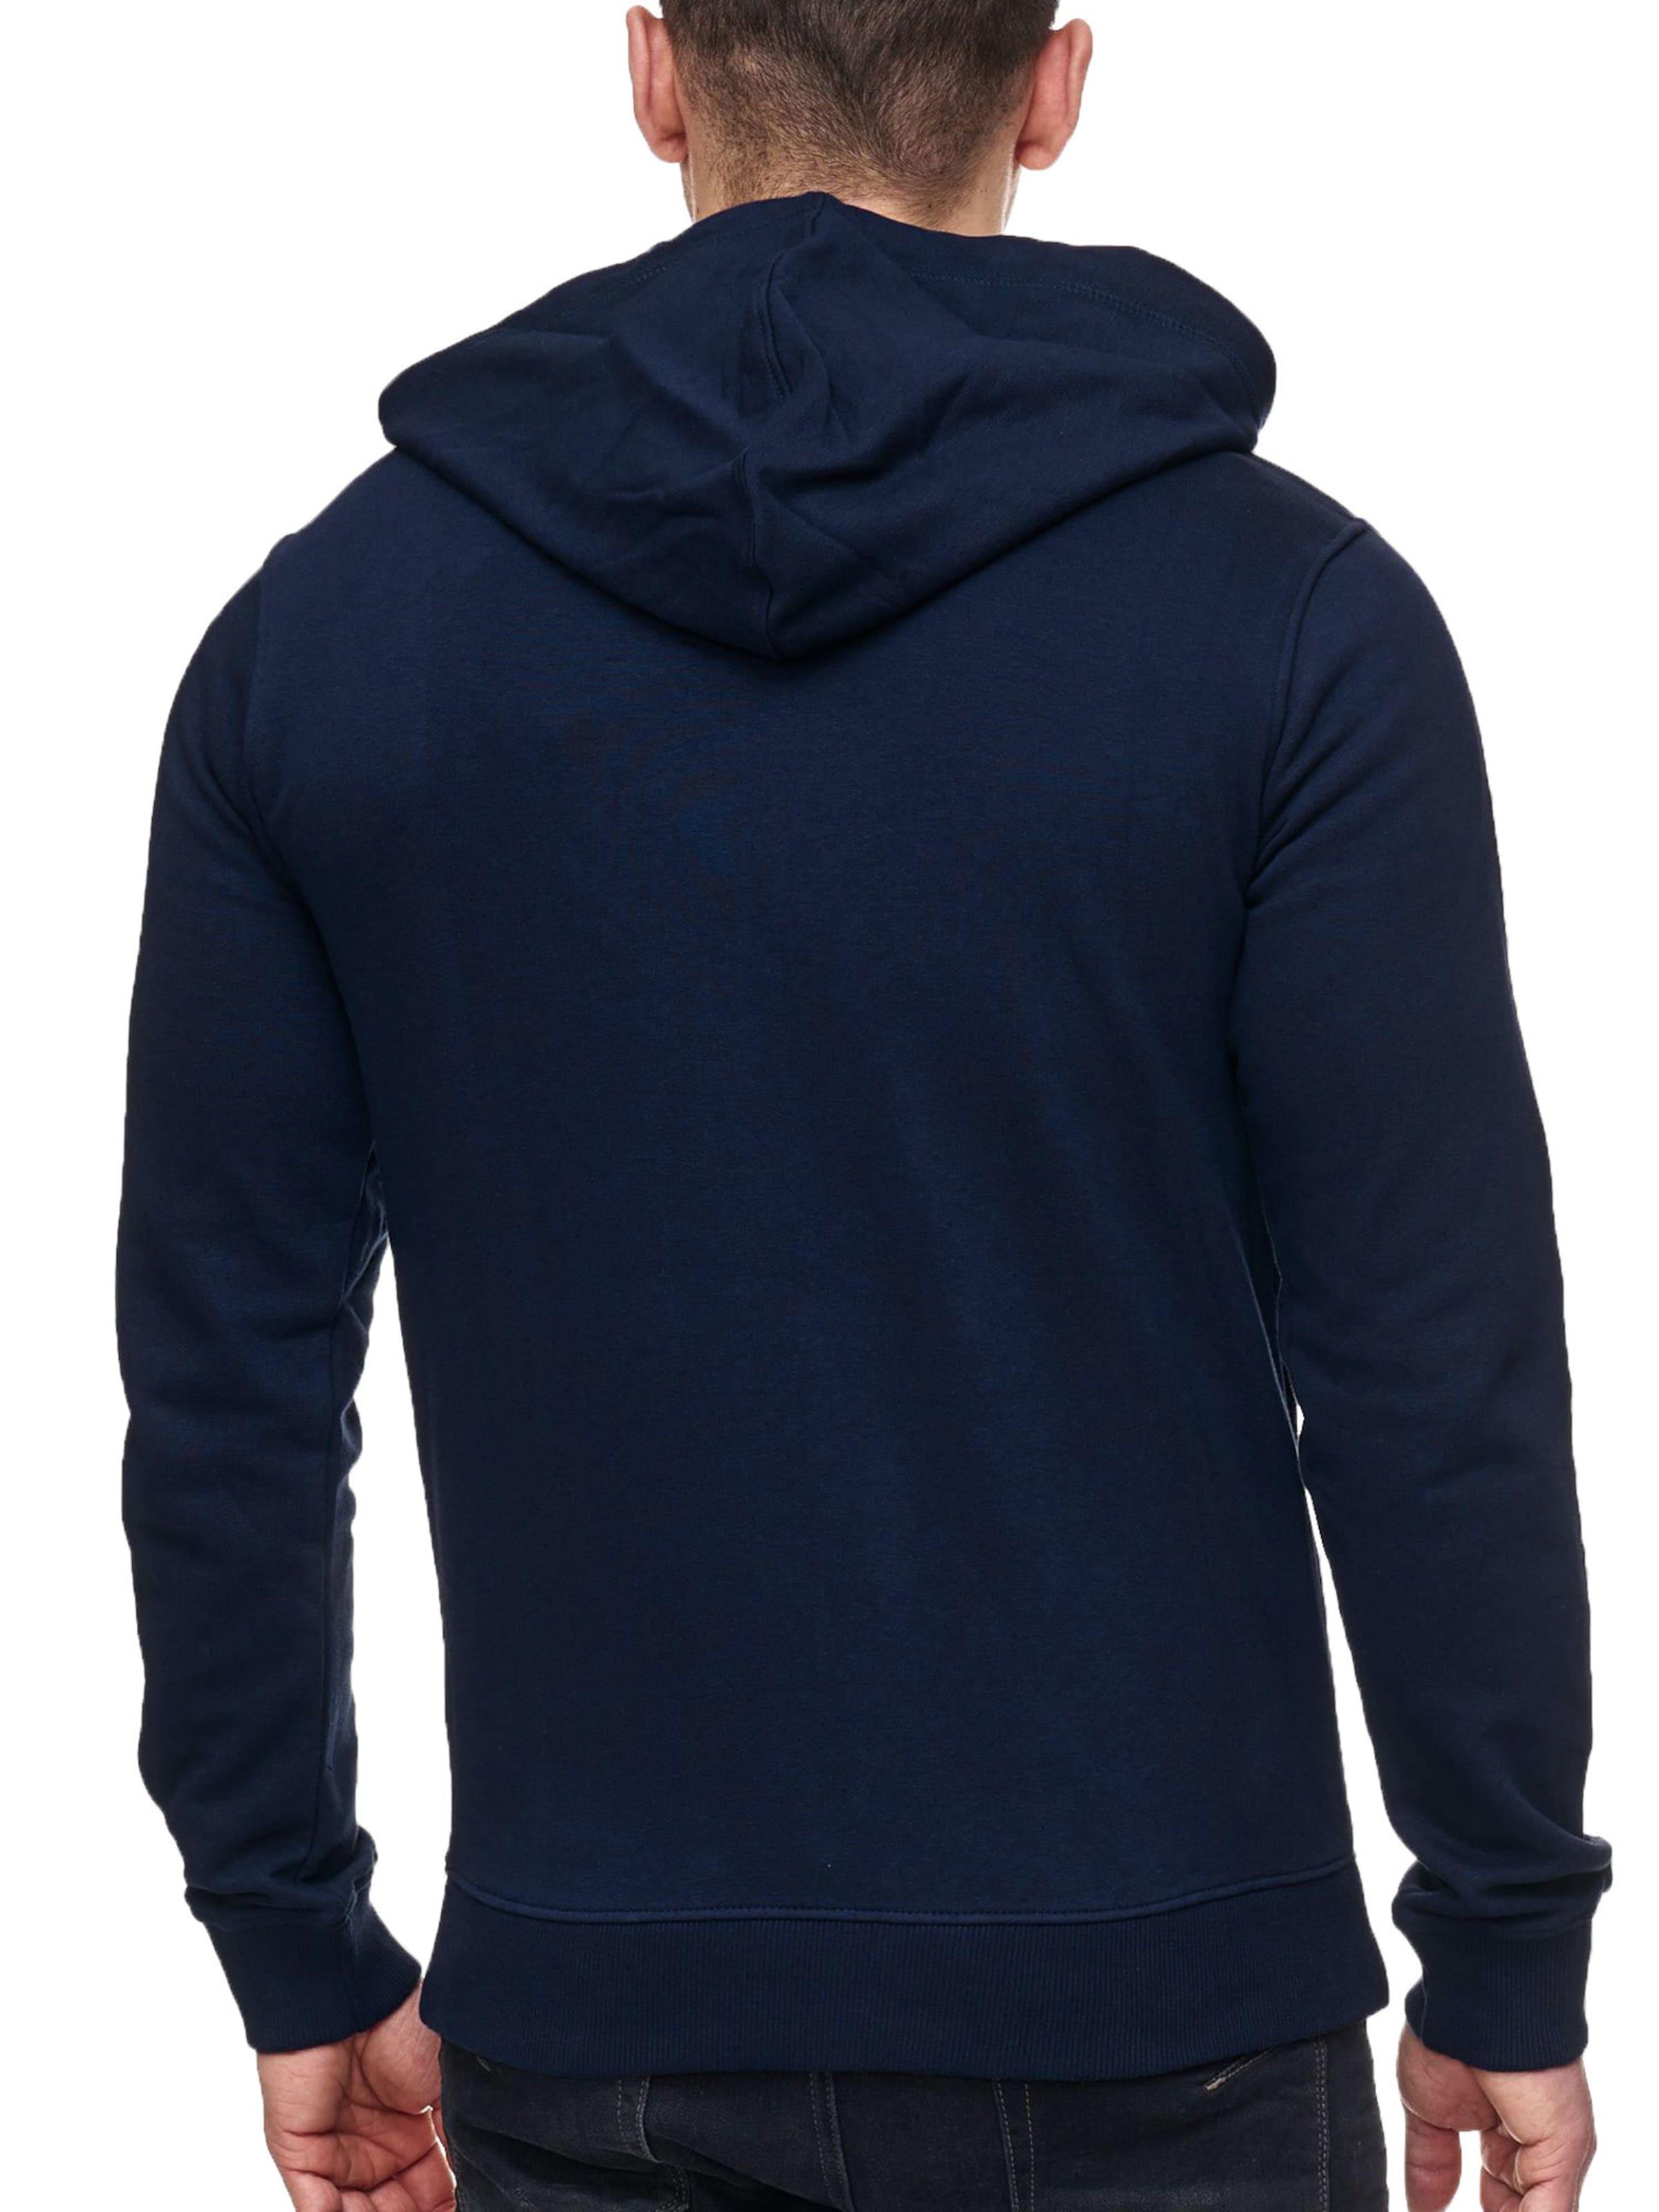 Survêtement Veste Bleu Indicode De En Jeans c4ALqRj35